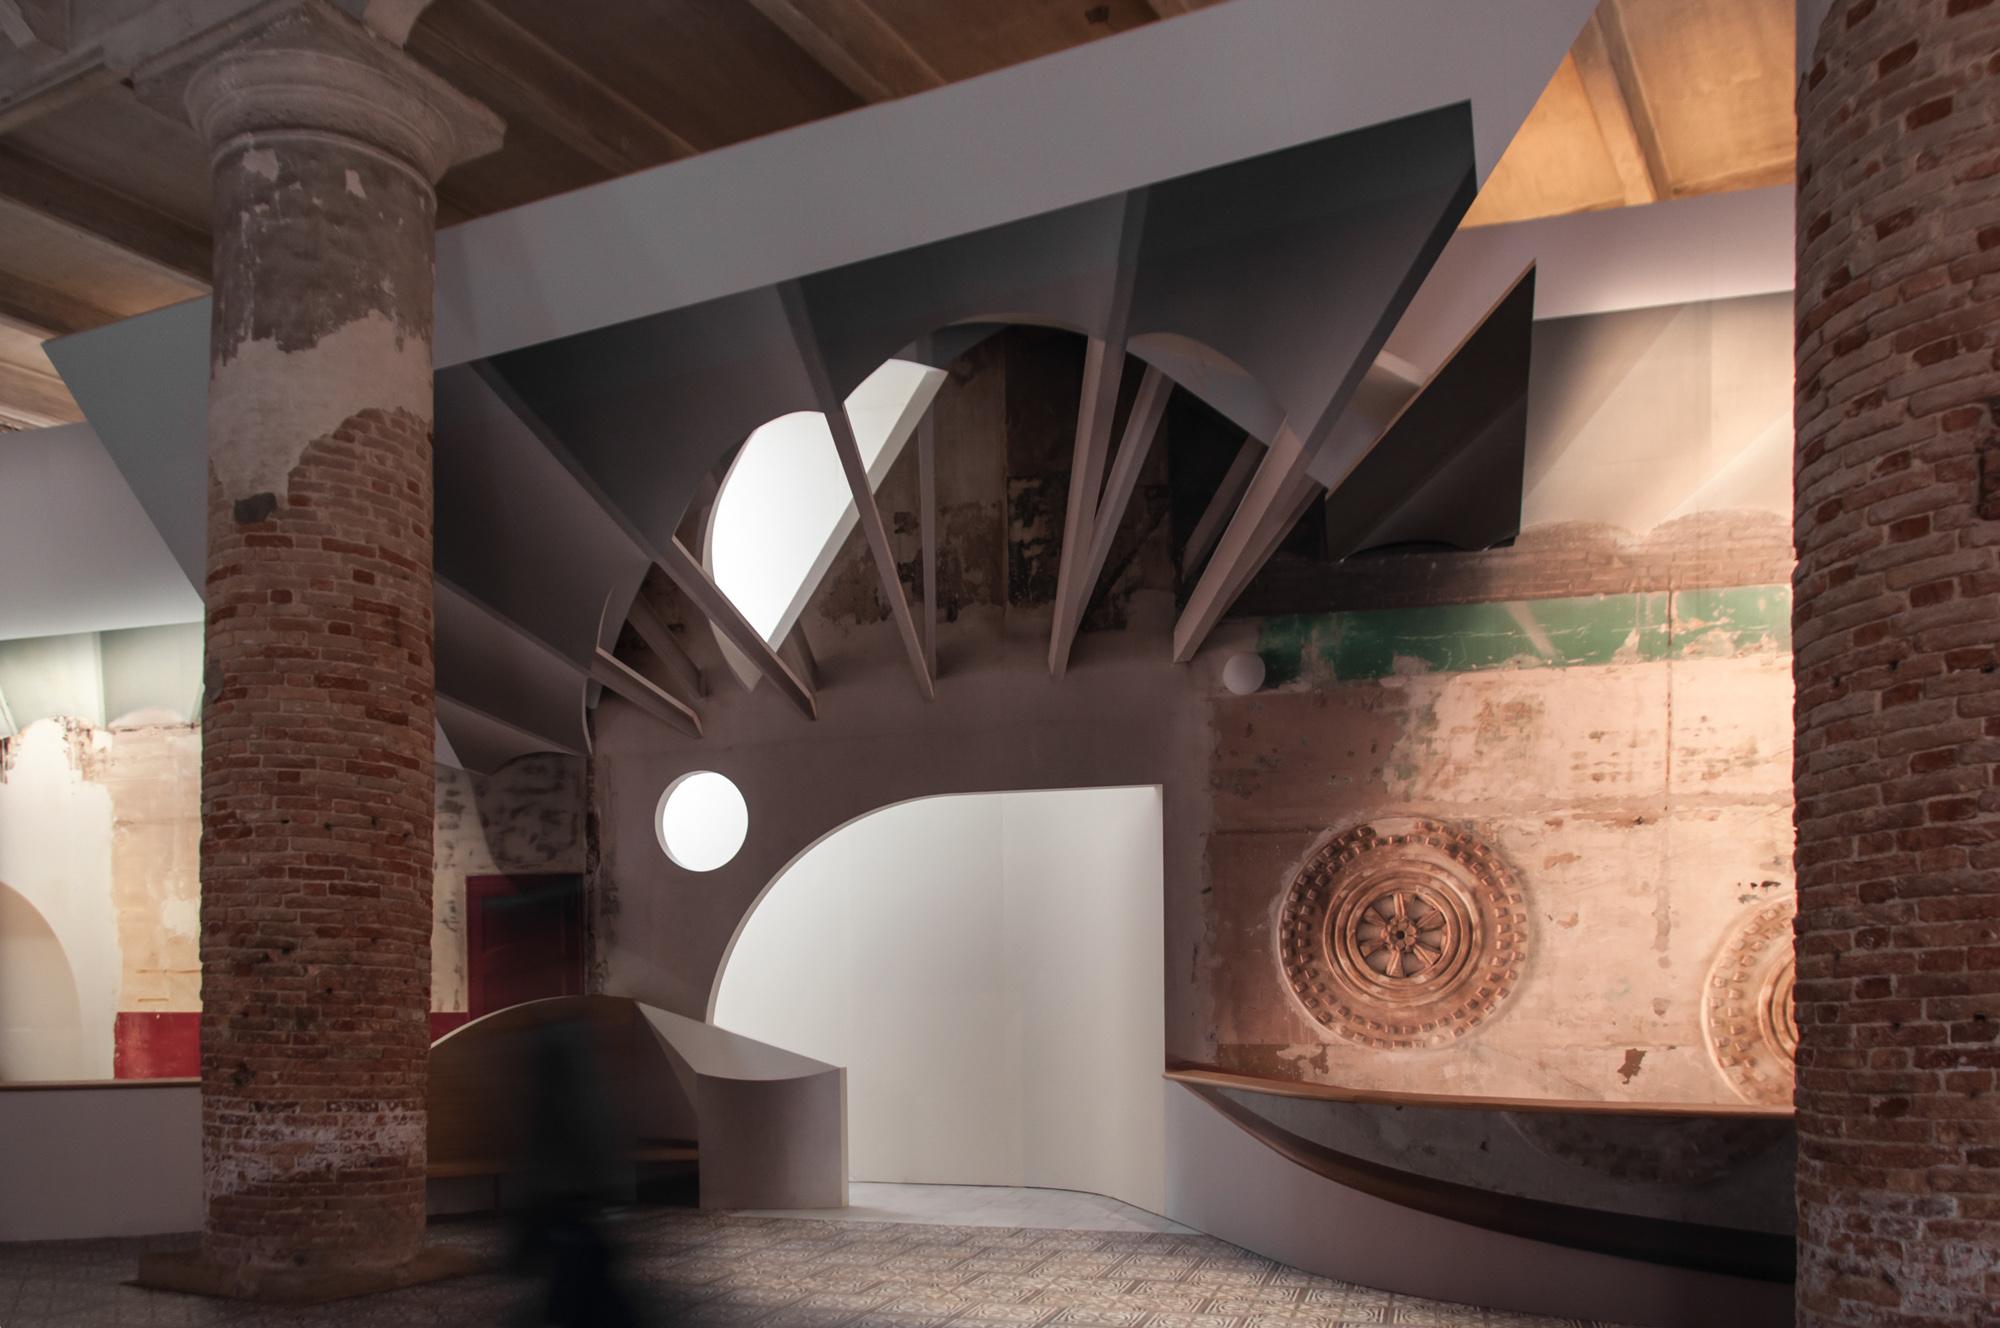 Biennale di Architettura di Venezia 2018. Arsenale. Flores&Prats, Liquid Light. Photo Irene Fanizza